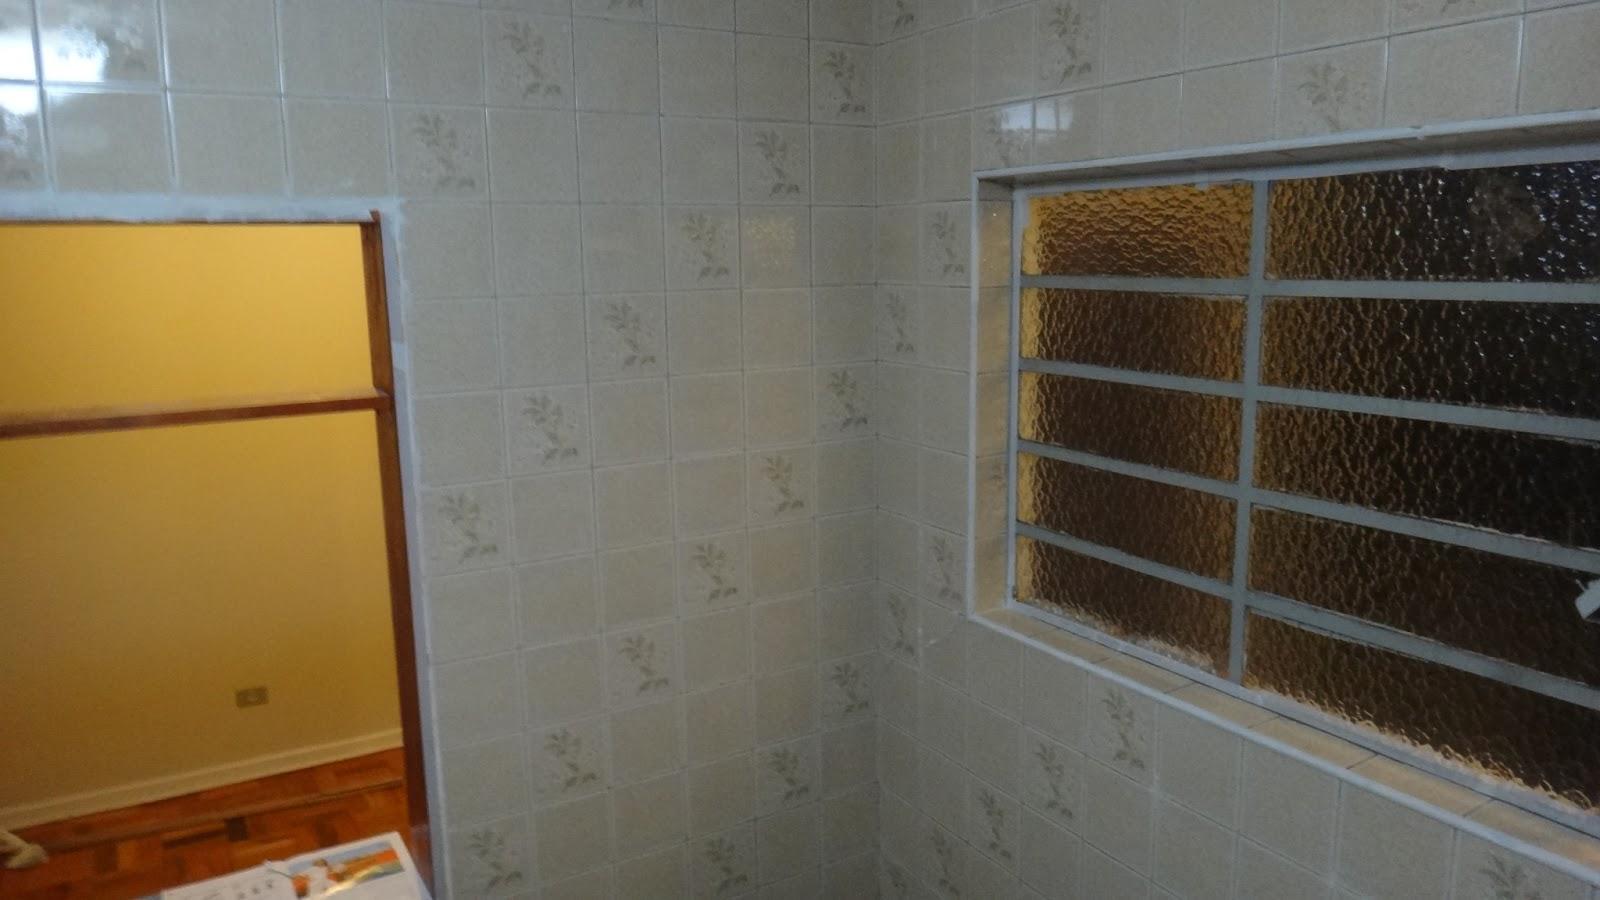 Pra ver a pintura dos azulejos e mais fotos do antes do banheiro #693B16 1600x900 Banheiro Azulejo Ou Pintura